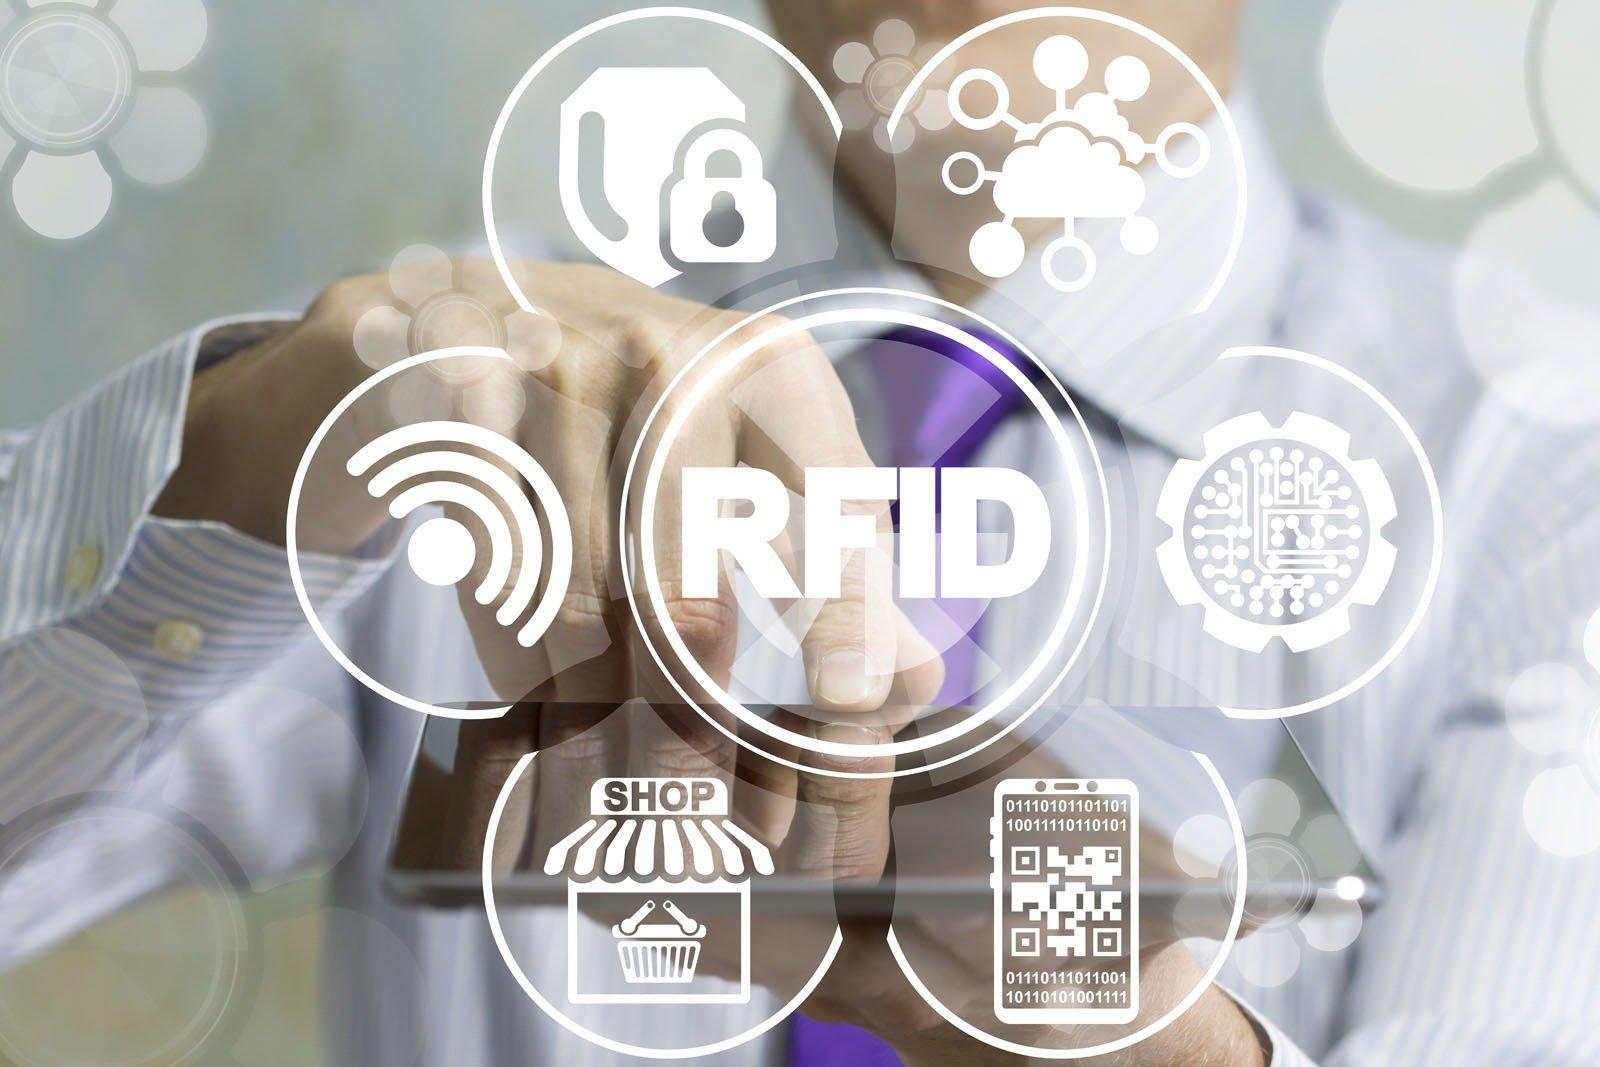 JULIA RFID